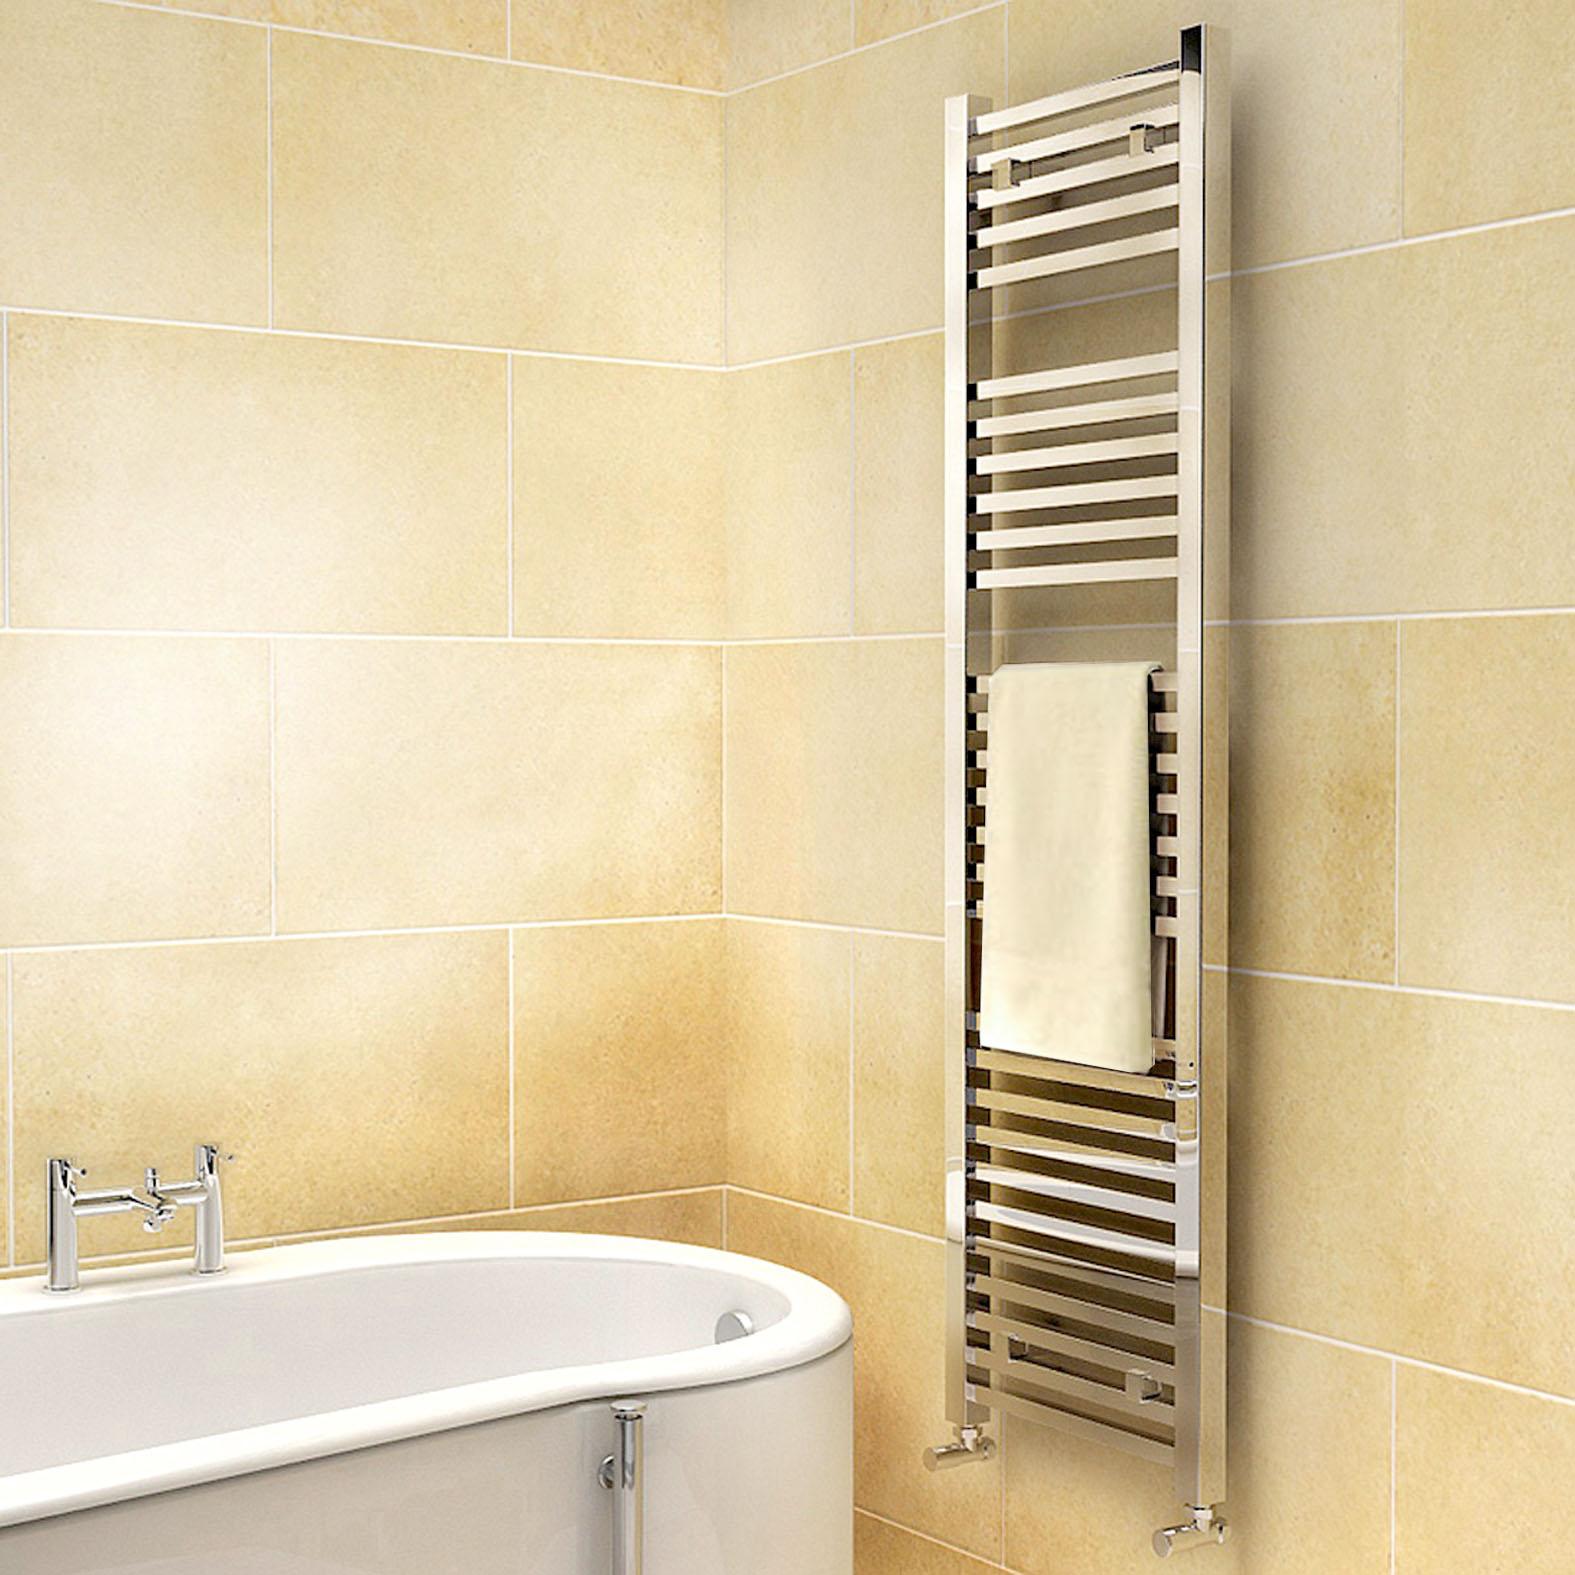 Only 130 99 Synergy Chrome Designer Square Bathroom Ladder Rail Radiator